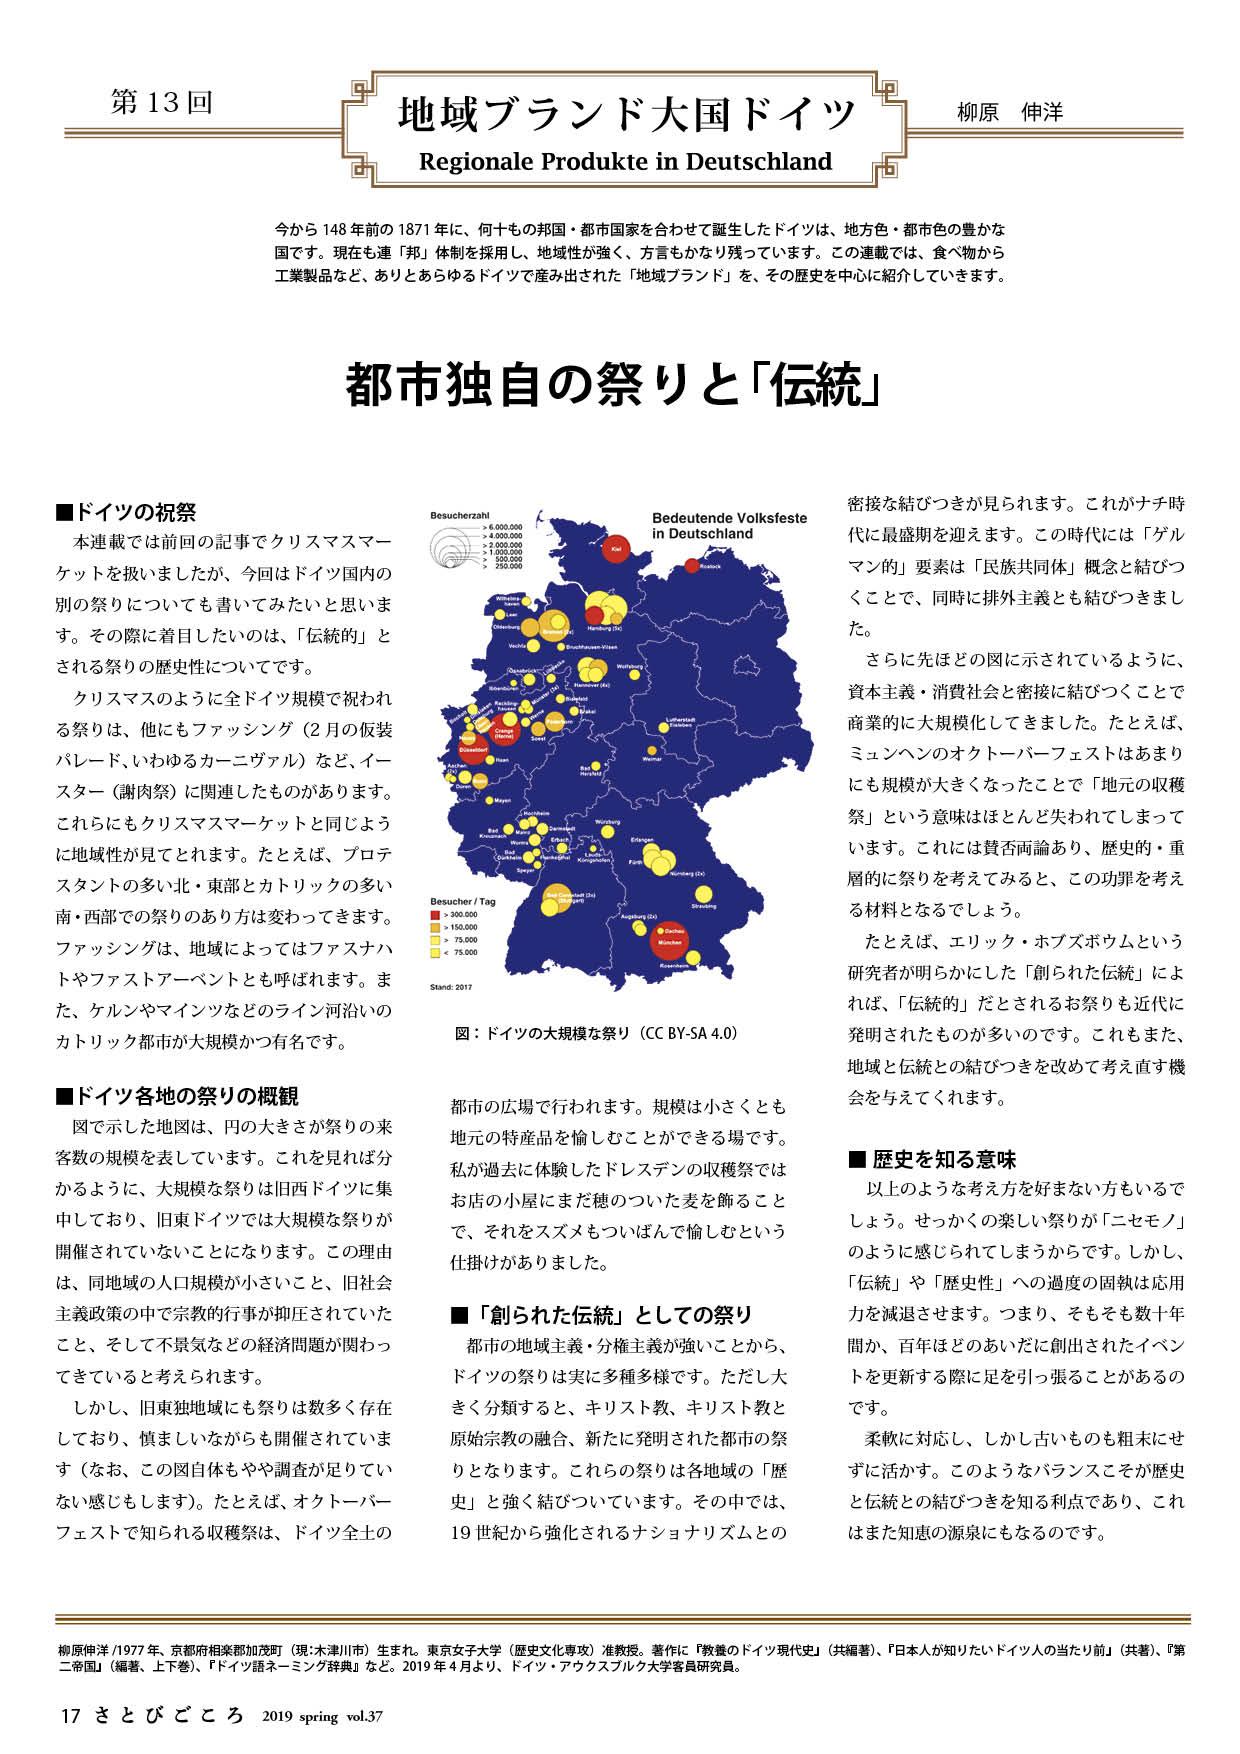 《地域ブランド大国ドイツ》さとびごころvol.37(2019 spring)第13回 都市独自の祭りと「伝統」